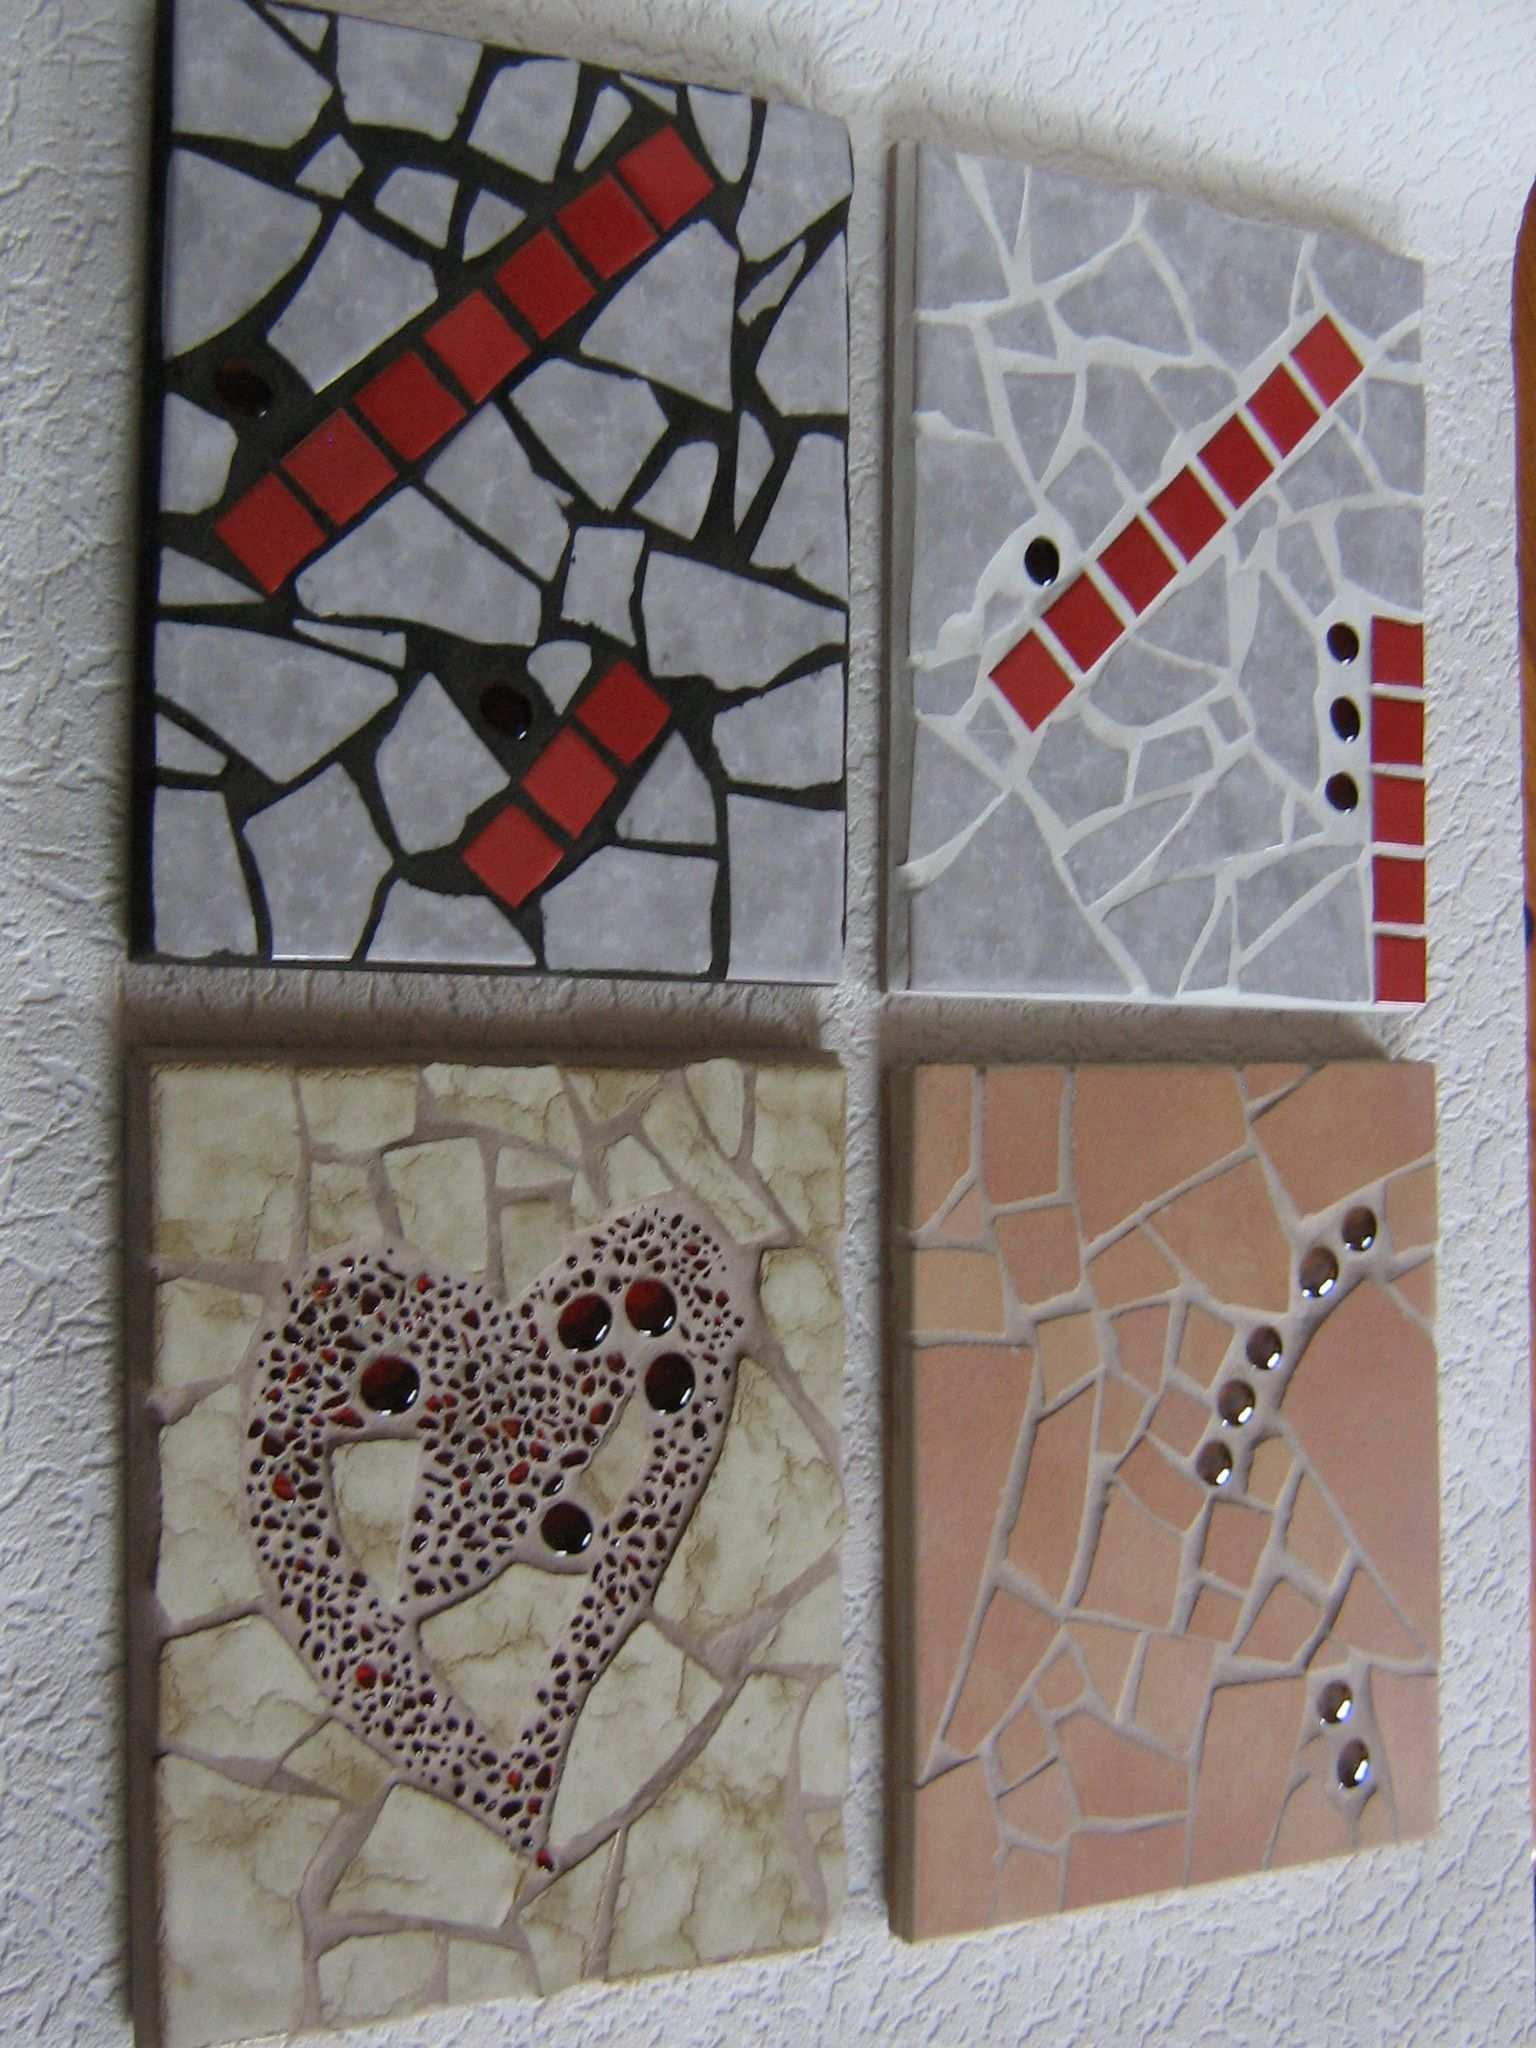 Topfuntersetzer Mit Mosaik Aus Fliesen Und Glassteinen Mosaik Fliesen Topfuntersetzer